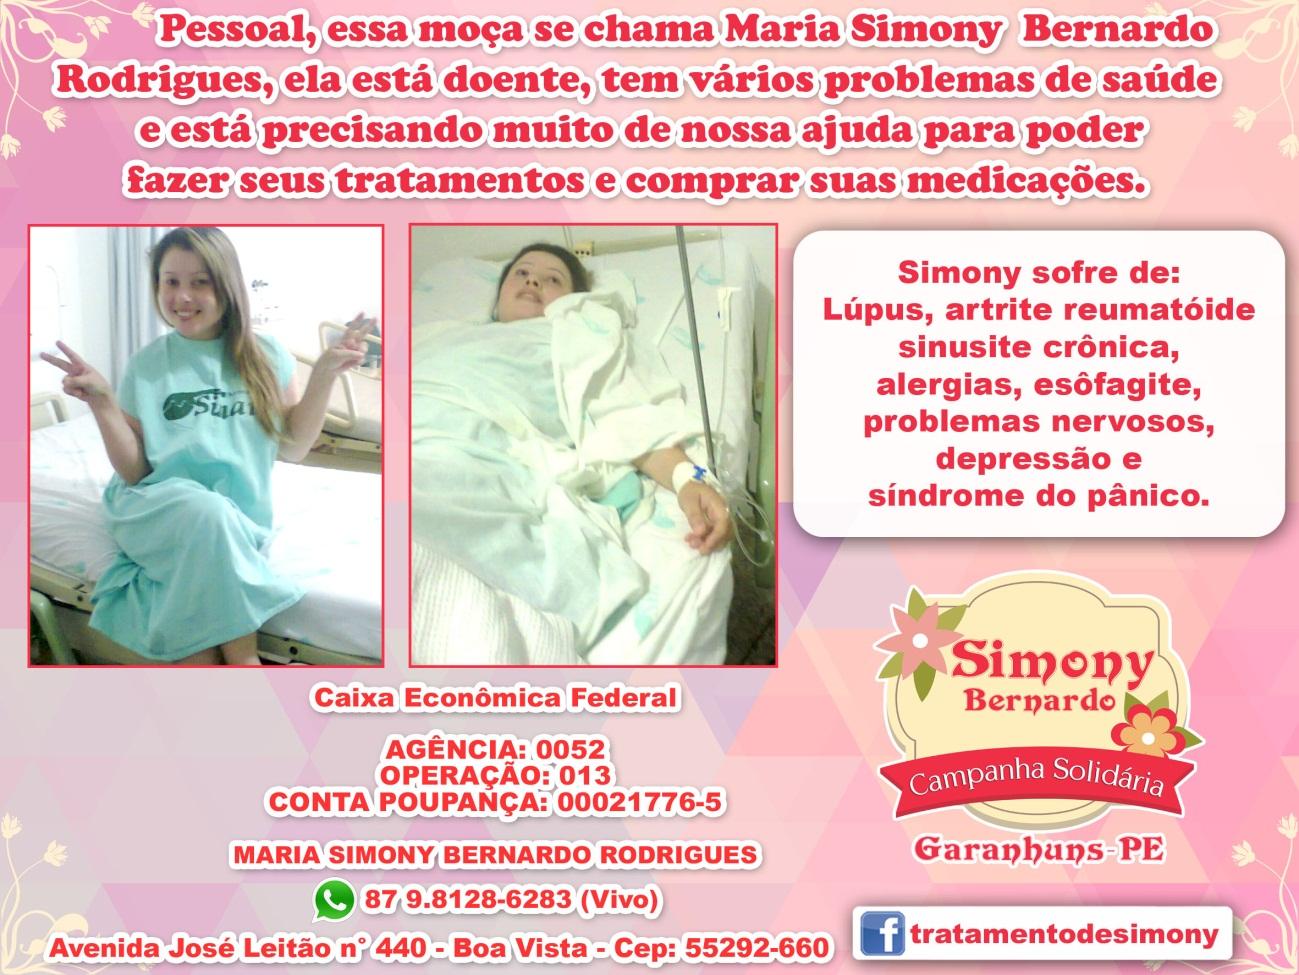 Campanha Solidária para ajudar a jovem Simony Bernardo Rodrigues